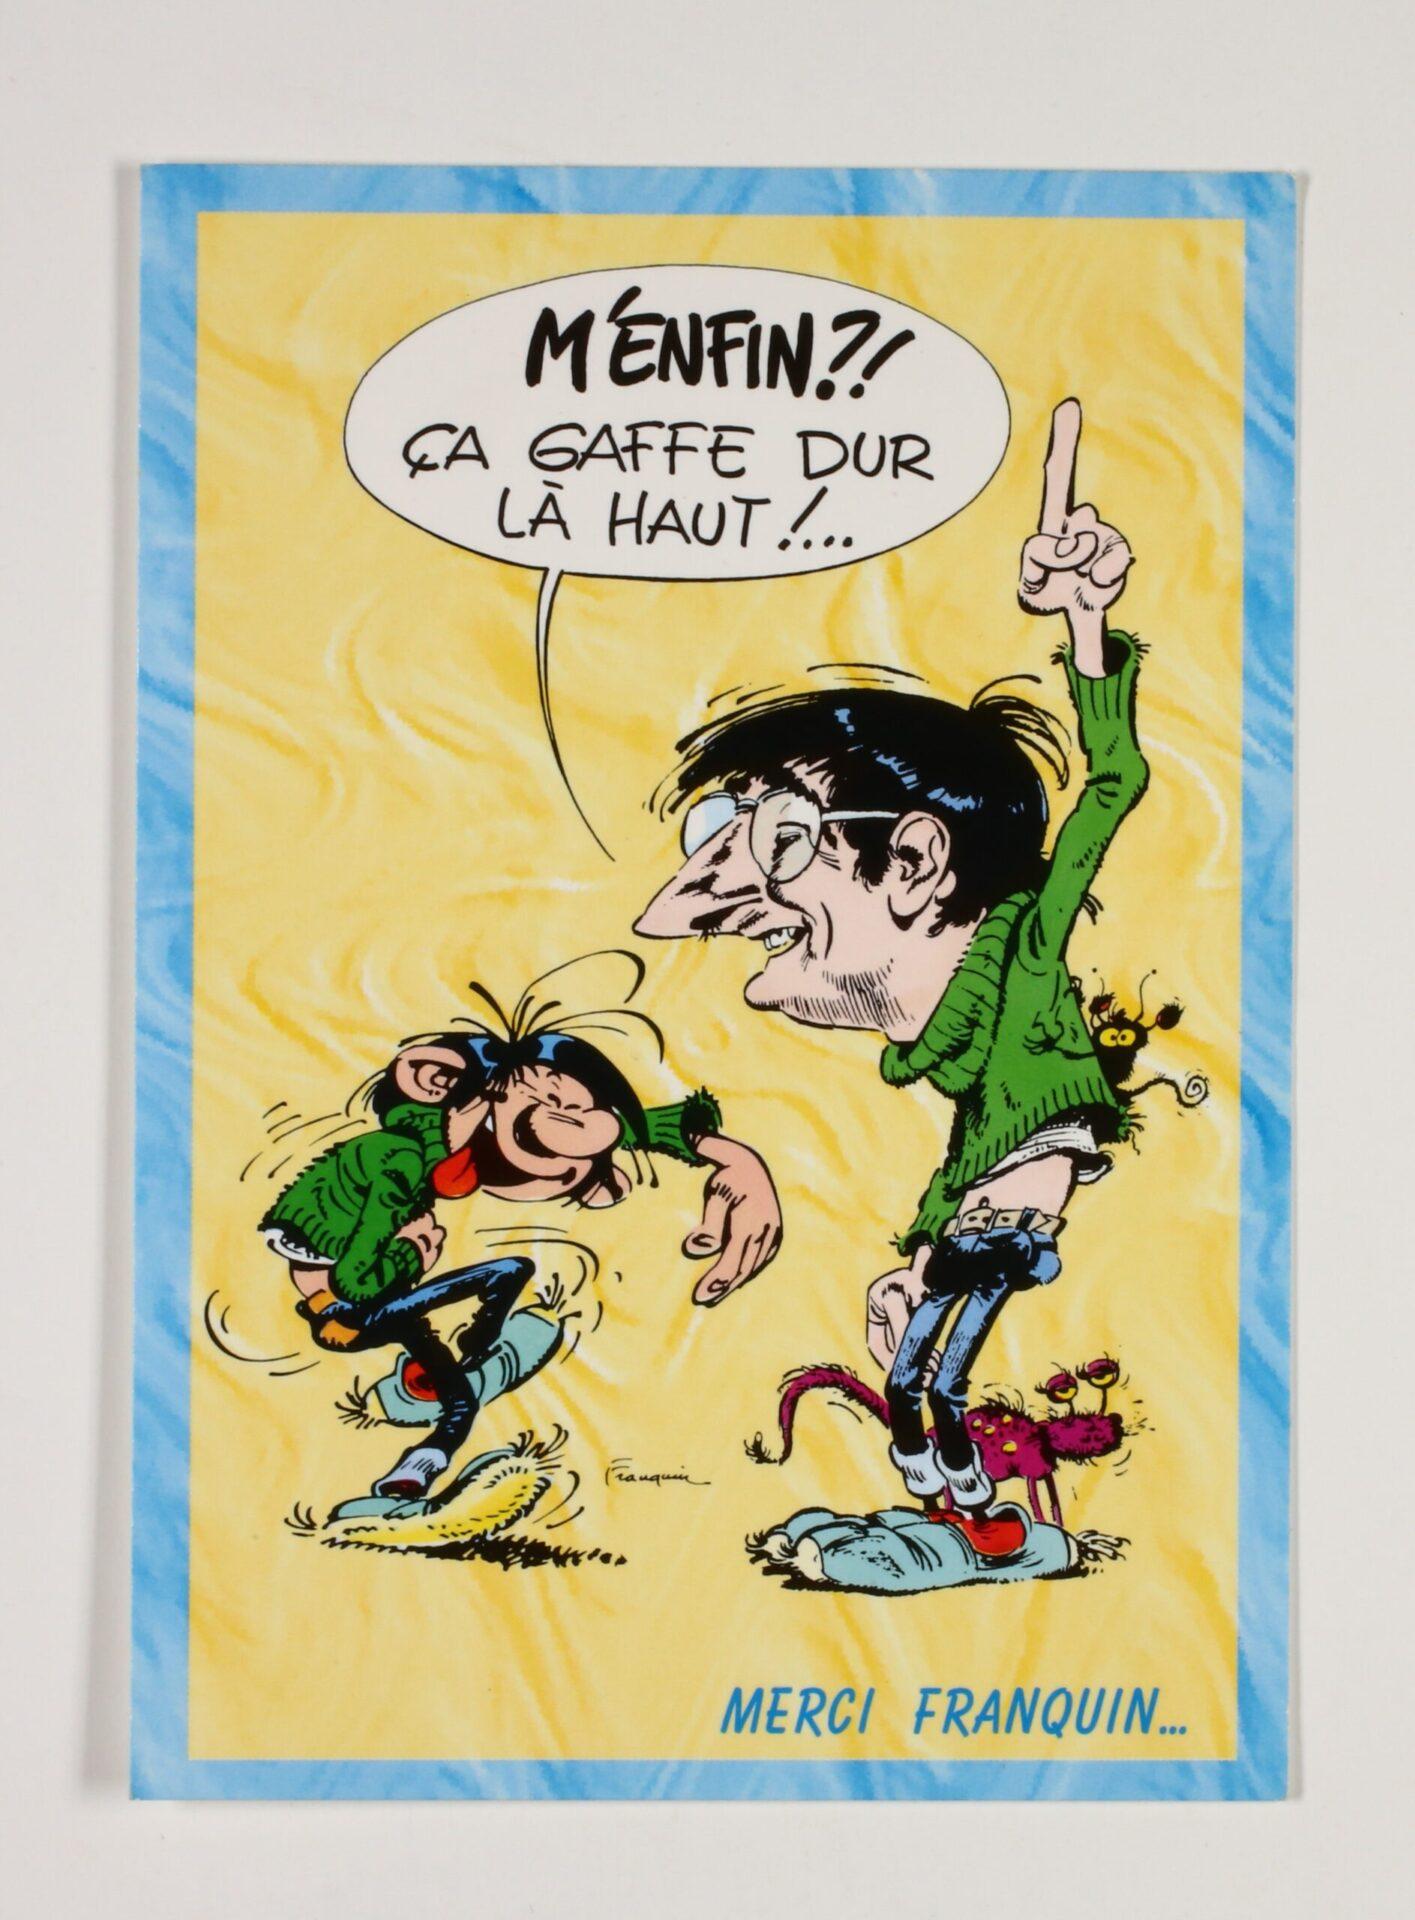 Hommage à Franquin ''M'enfin?! Ca gaffe dur là haut !